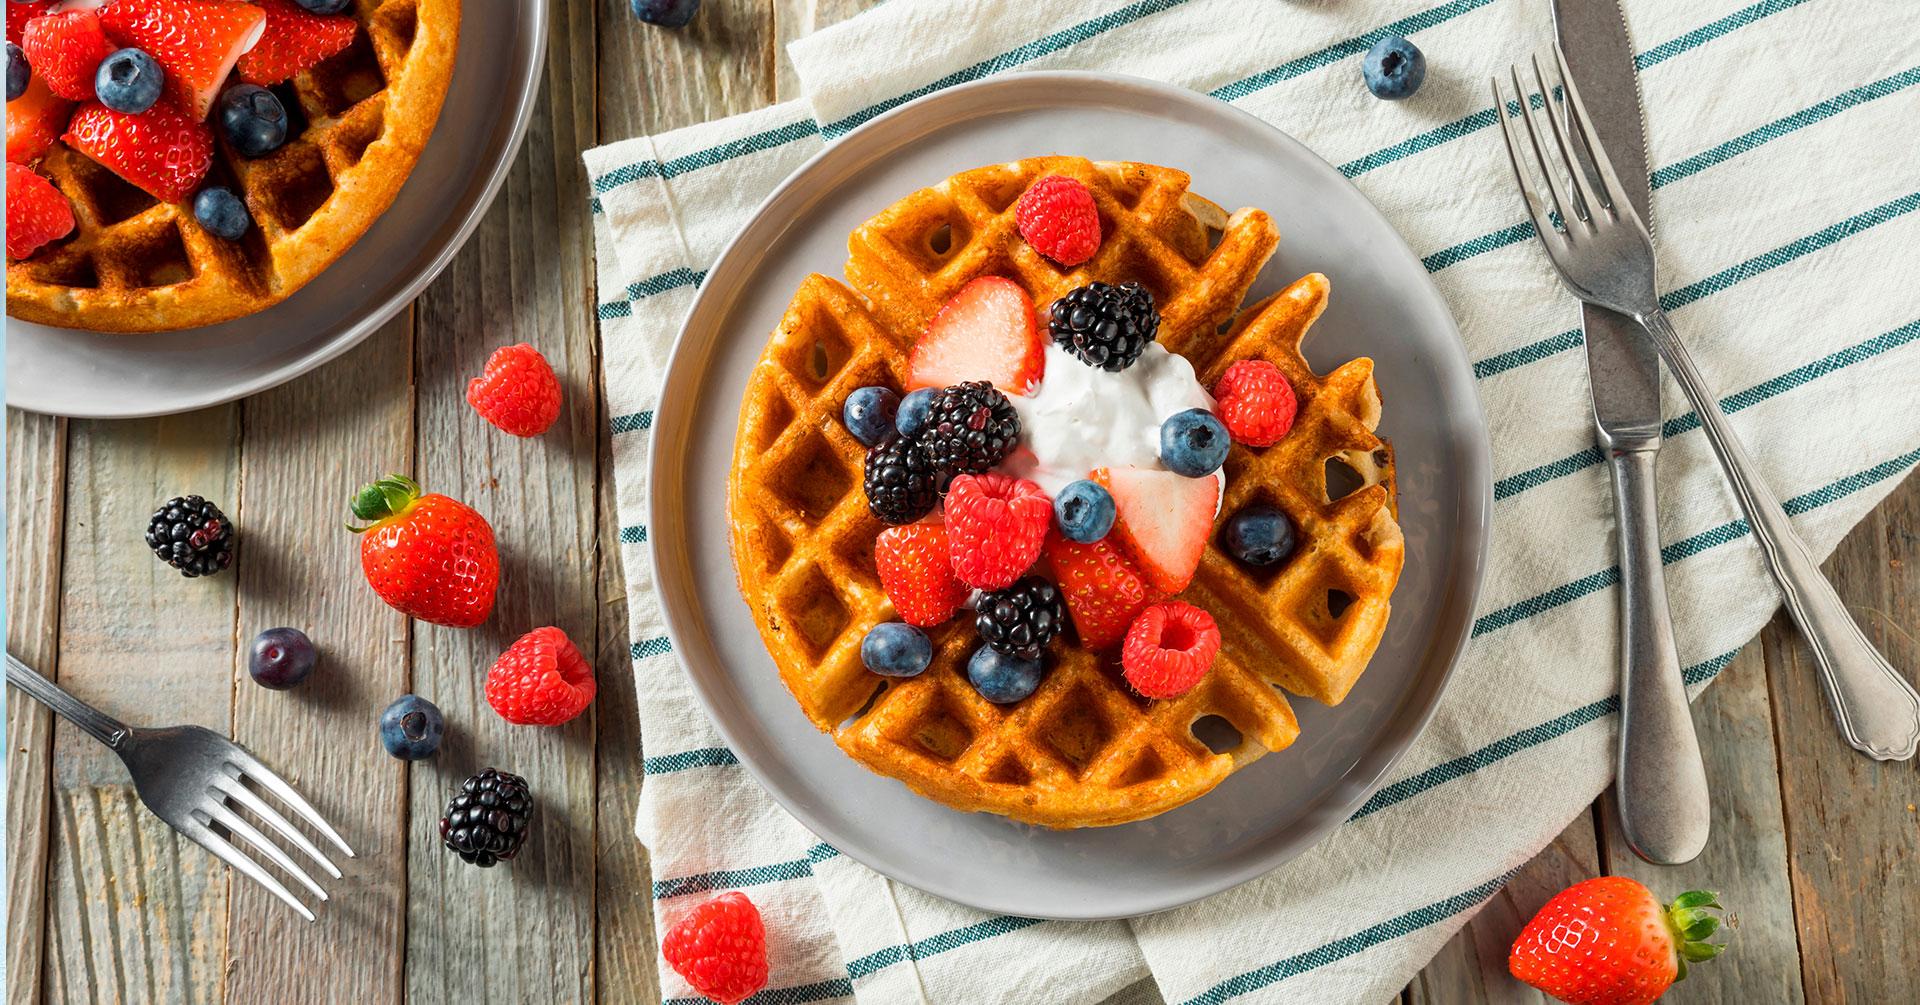 Desayunos saludables y deliciosos que son fáciles de preparar